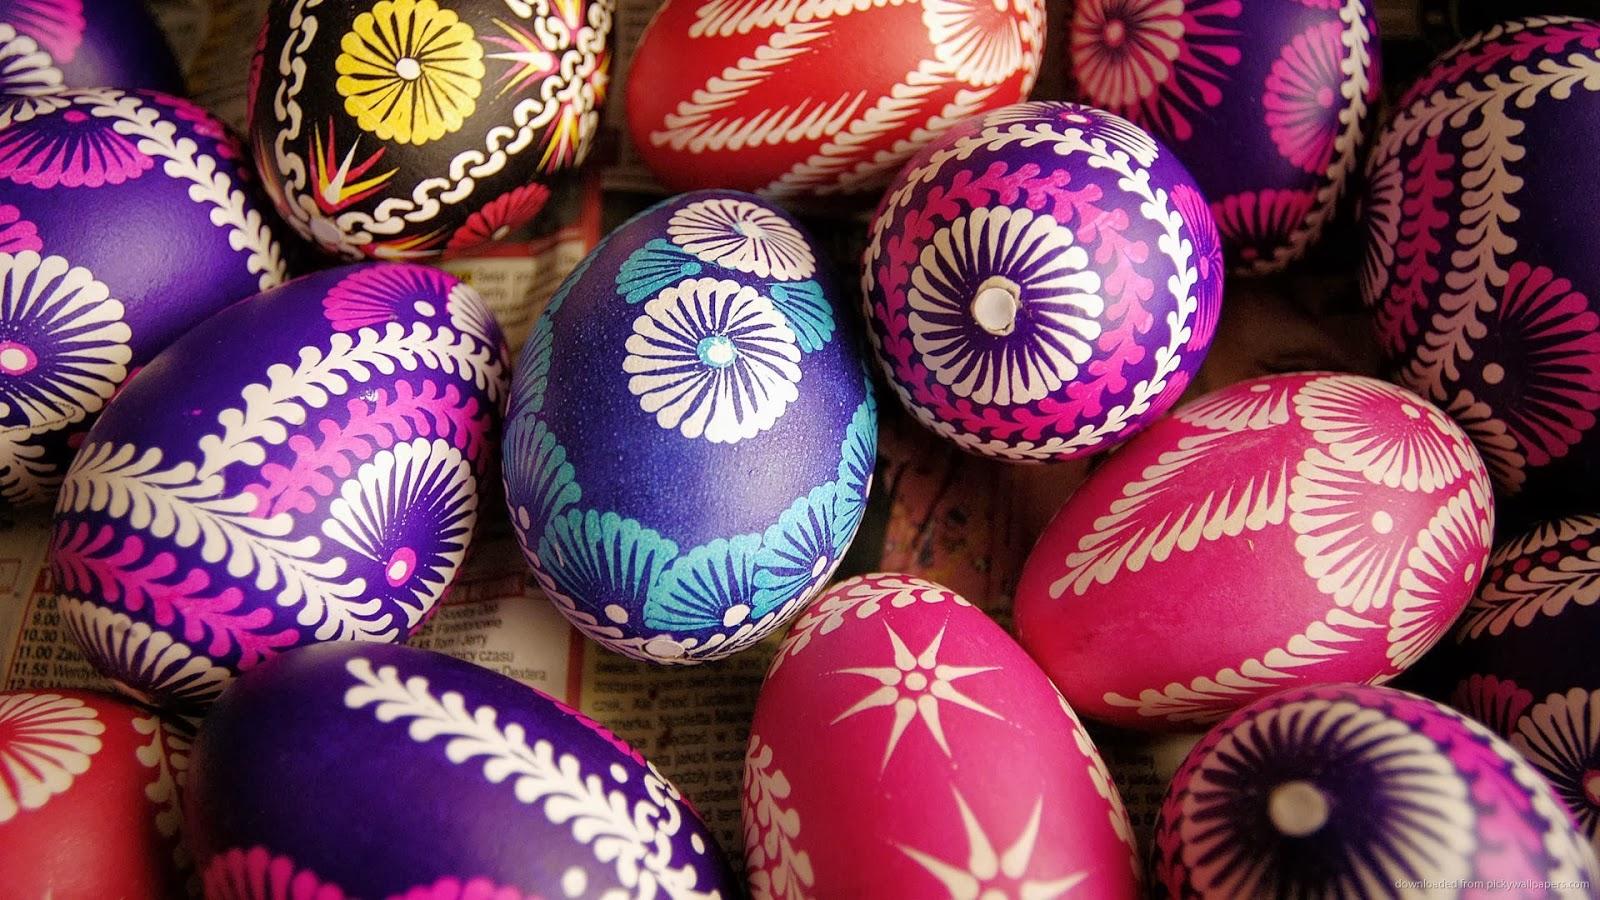 Banco de imagenes y fotos gratis huevos de pascua parte 5 - Videos de huevos de pascua ...